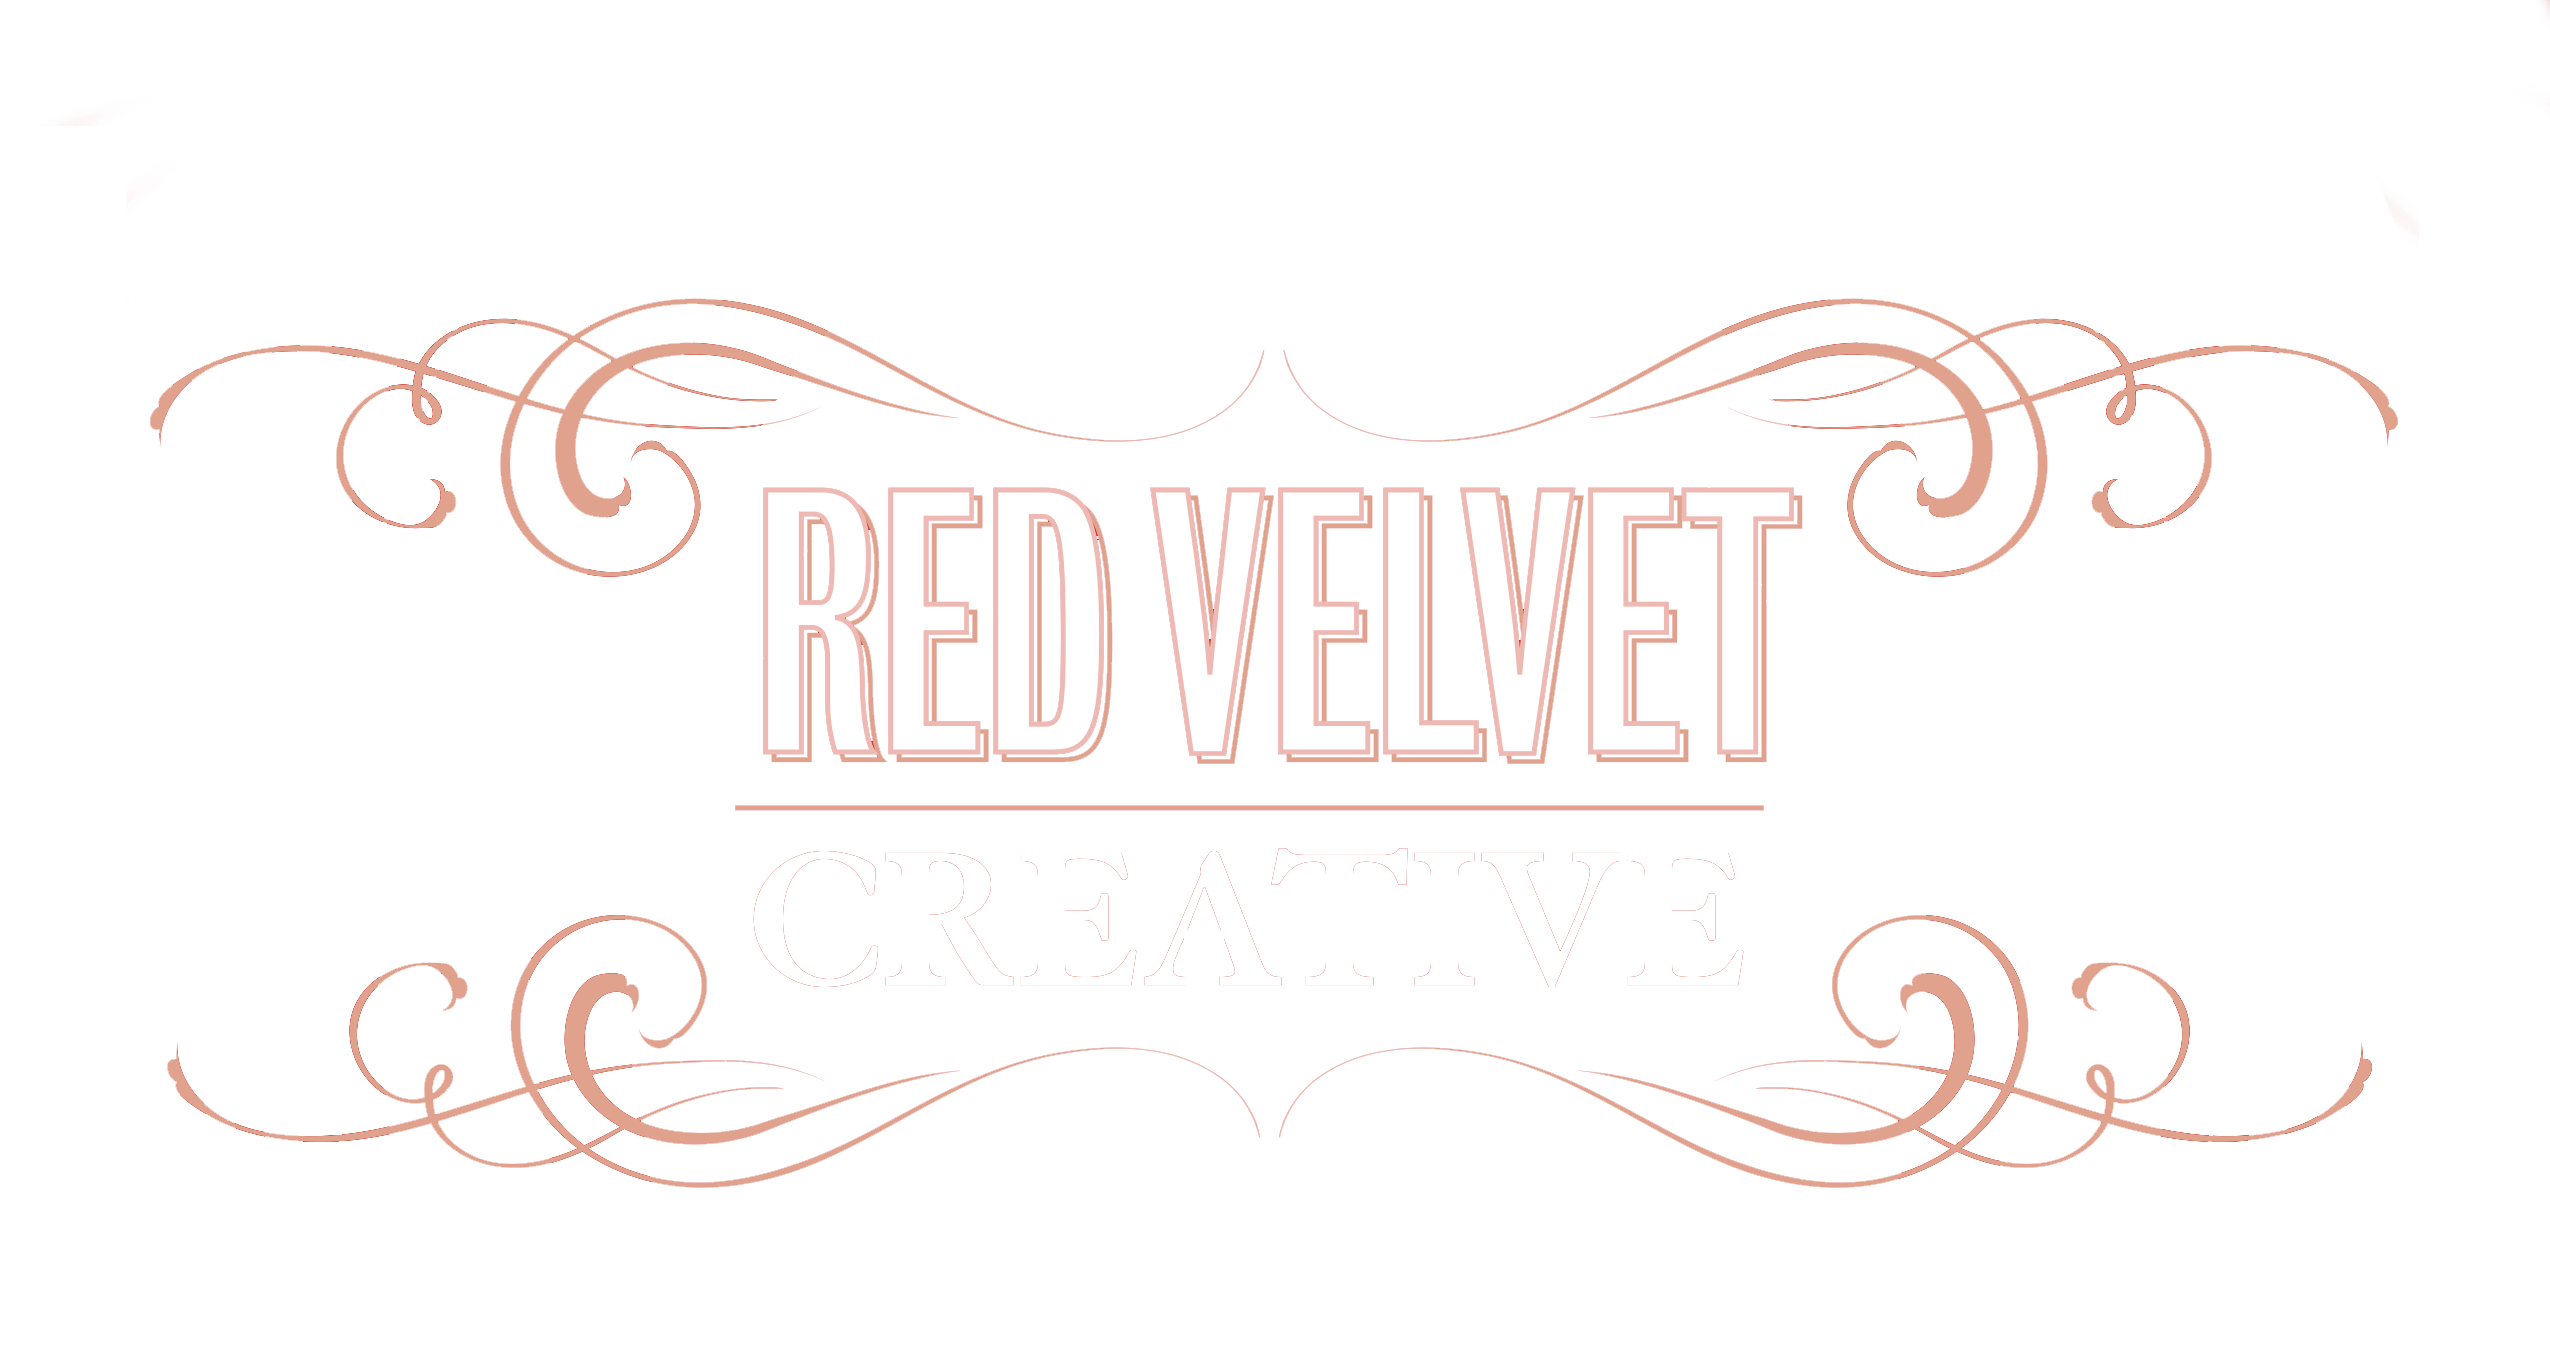 Red Velvet Creative